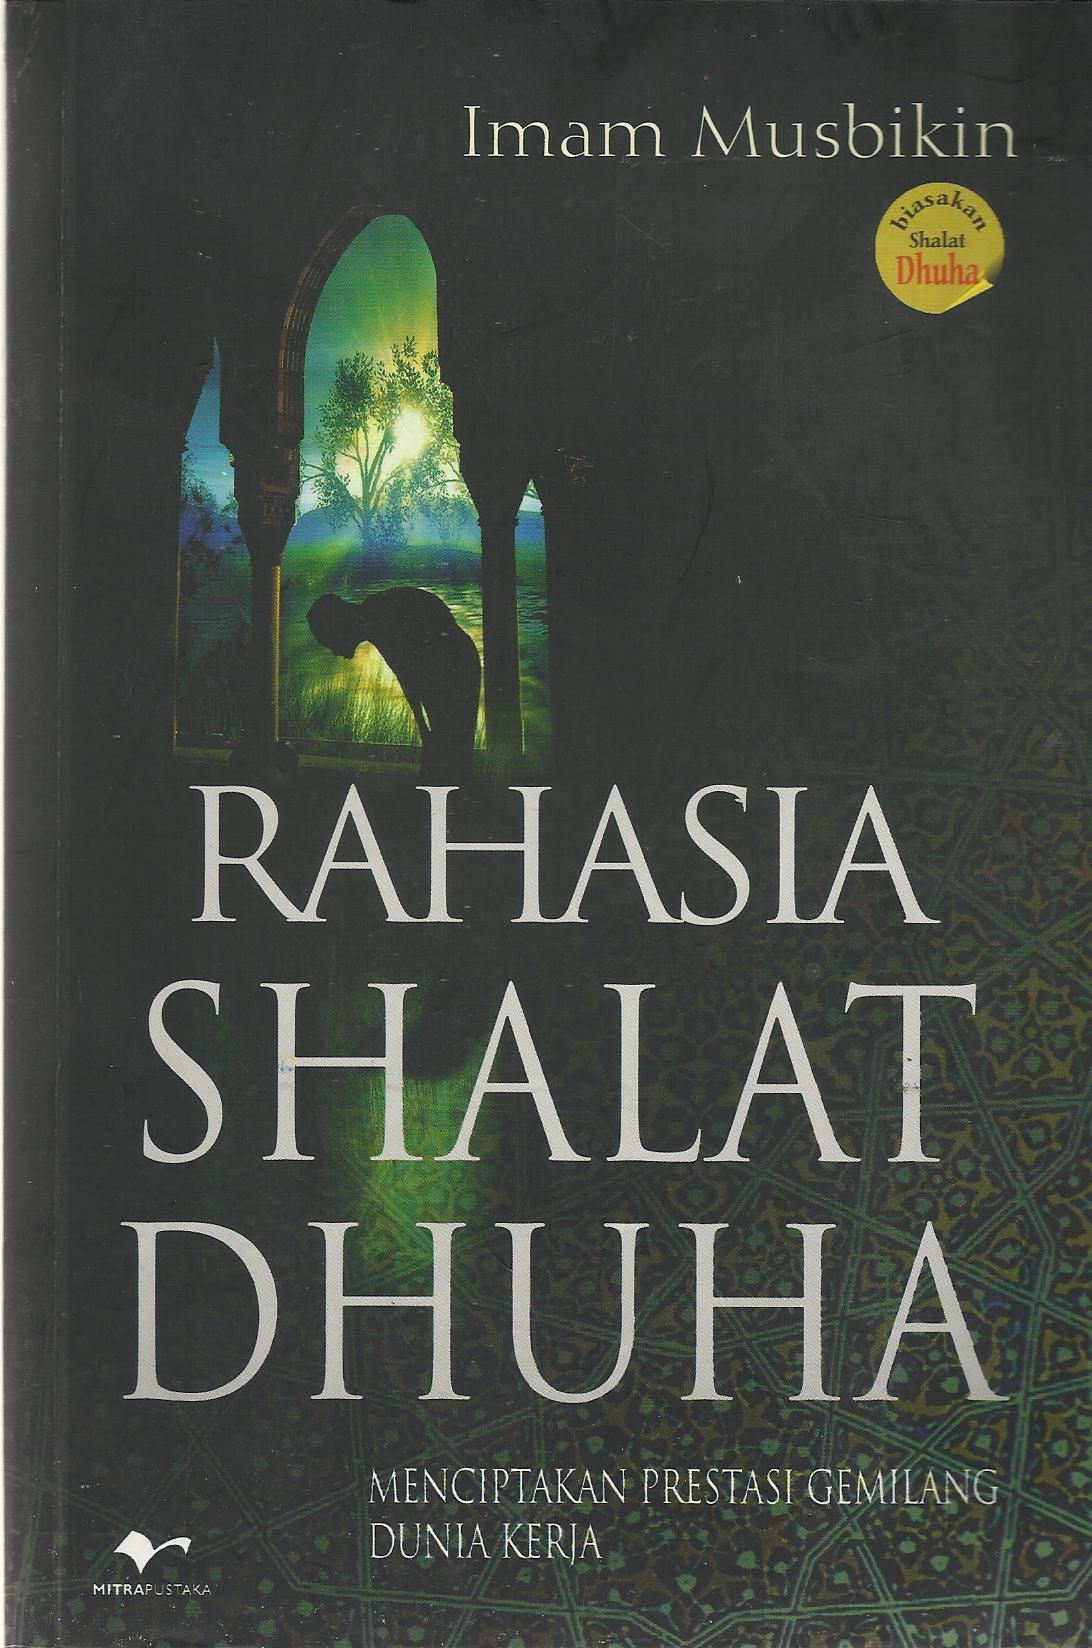 Rahasia Shalat Dhuha